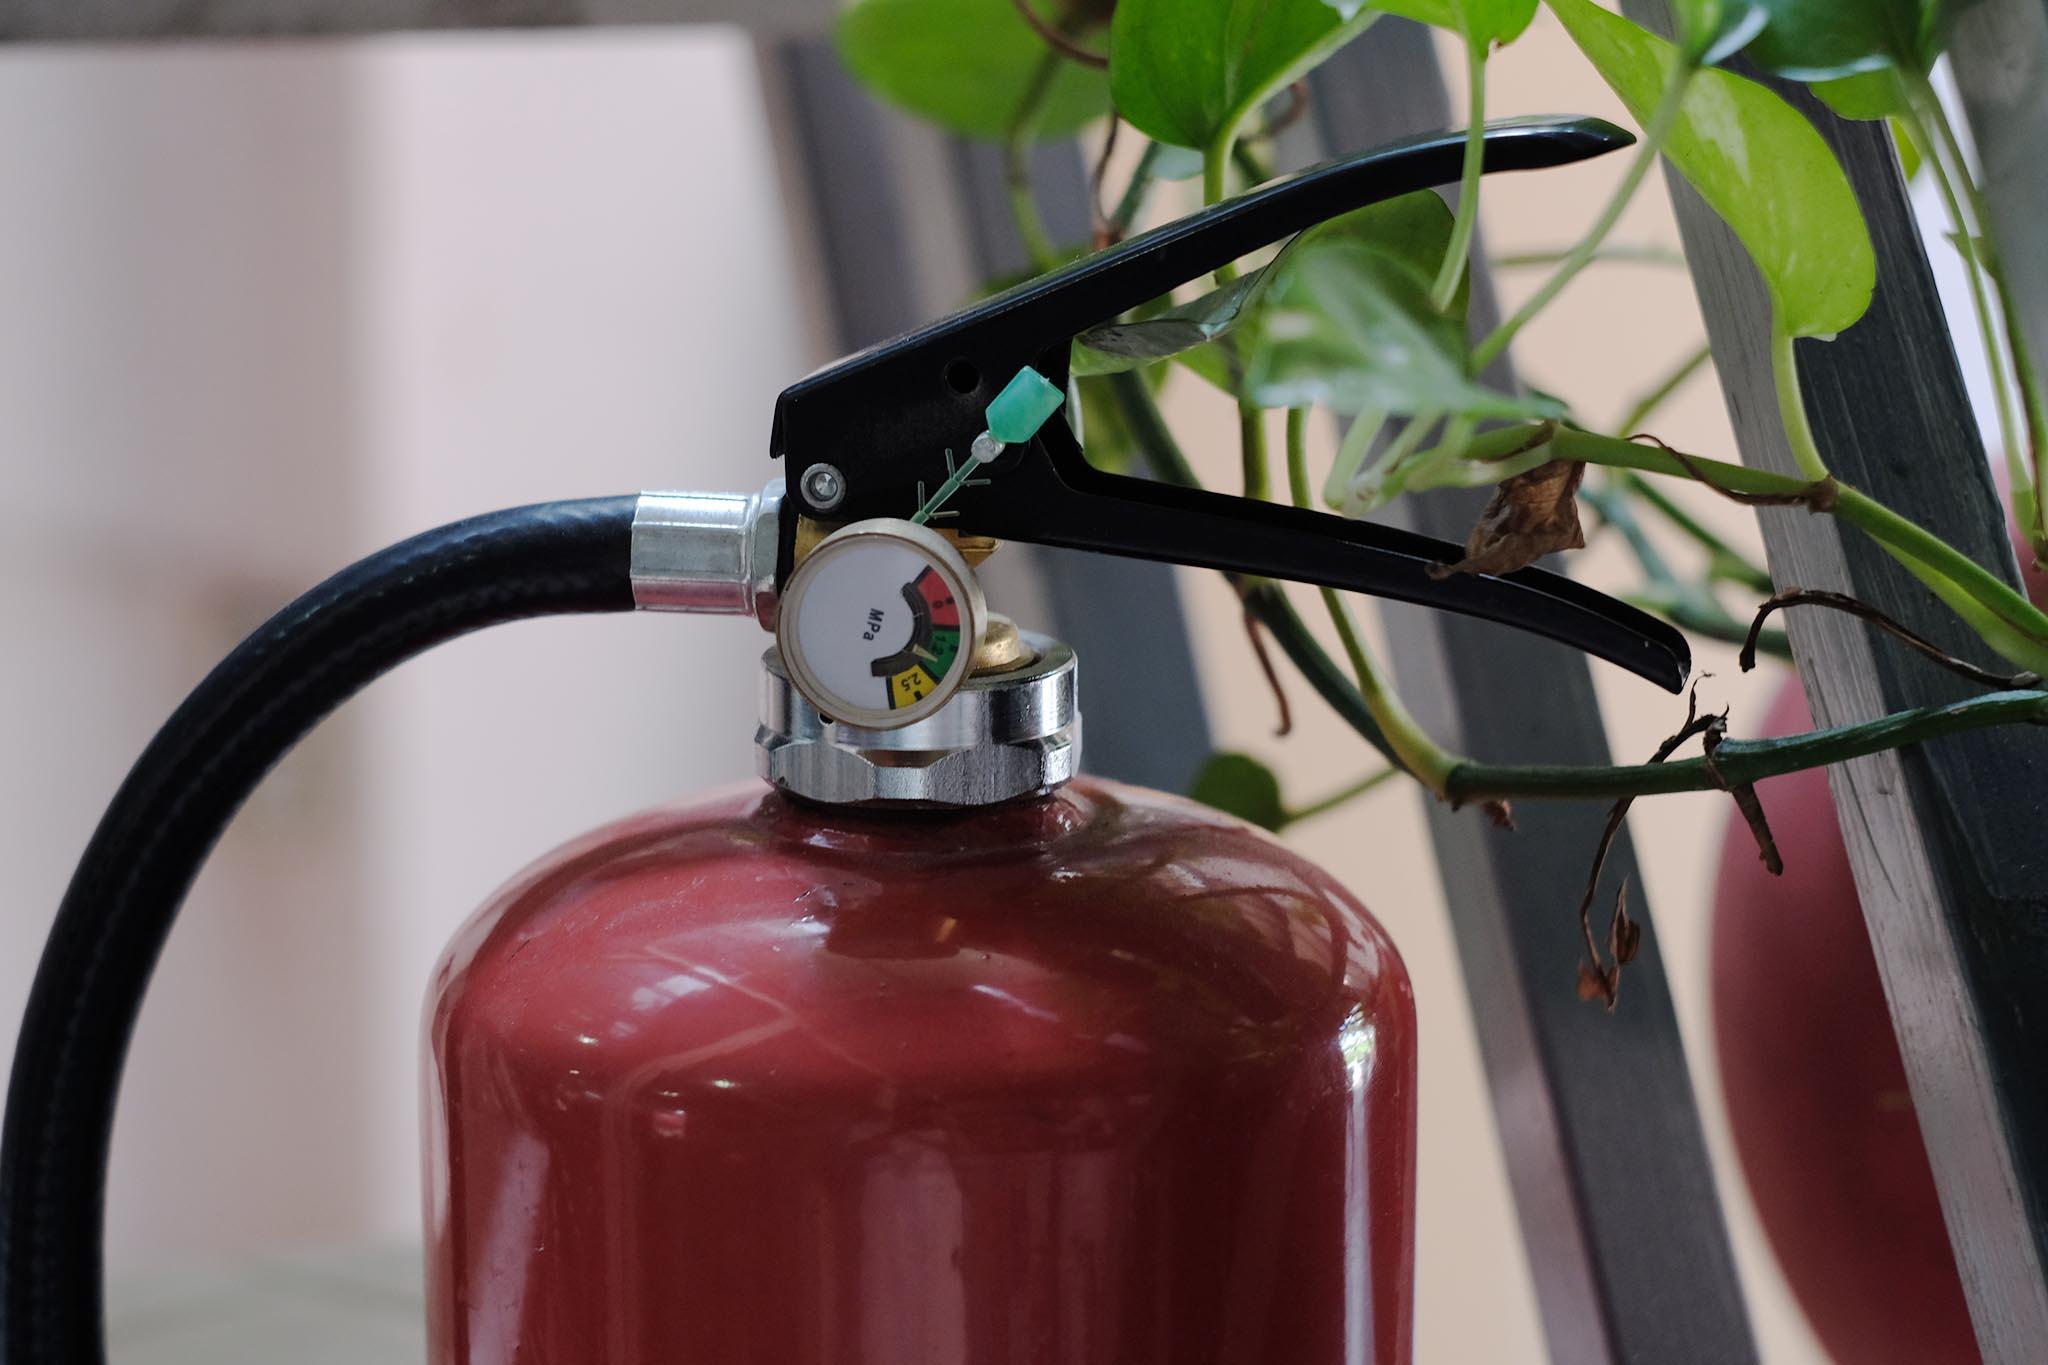 Nơi cung cấp bình chữa cháy tại Đắk Lắk